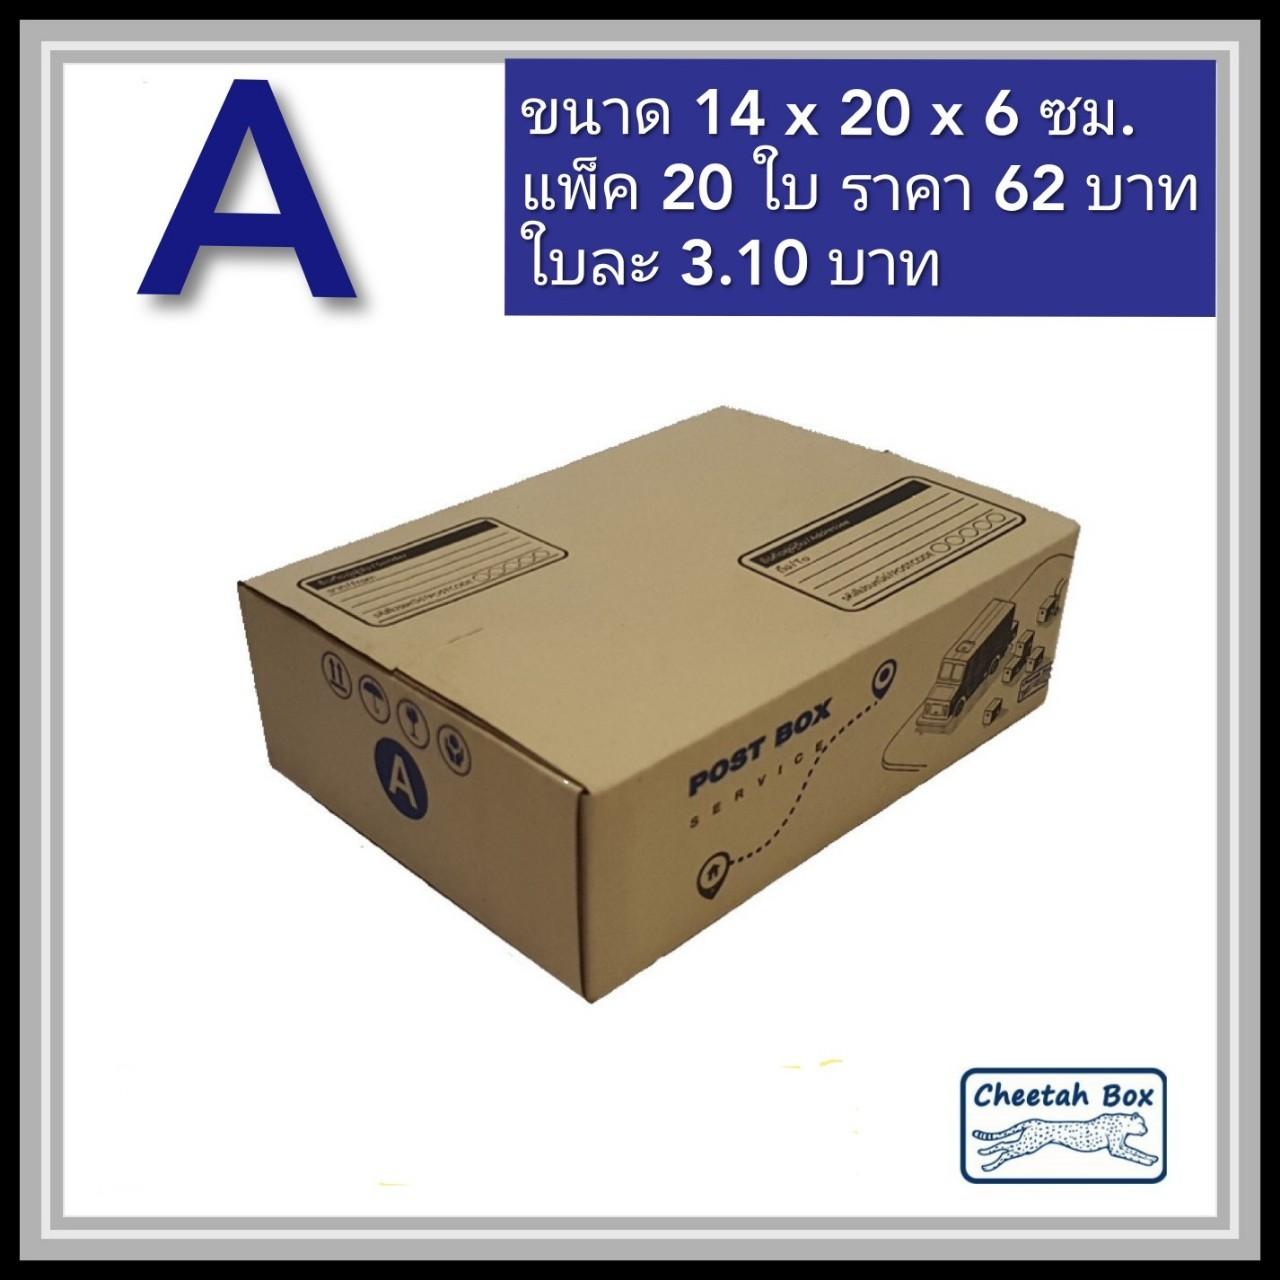 กล่องไปรษณีย์ A (Cheetah Box ขนาด 14*20*6 CM)